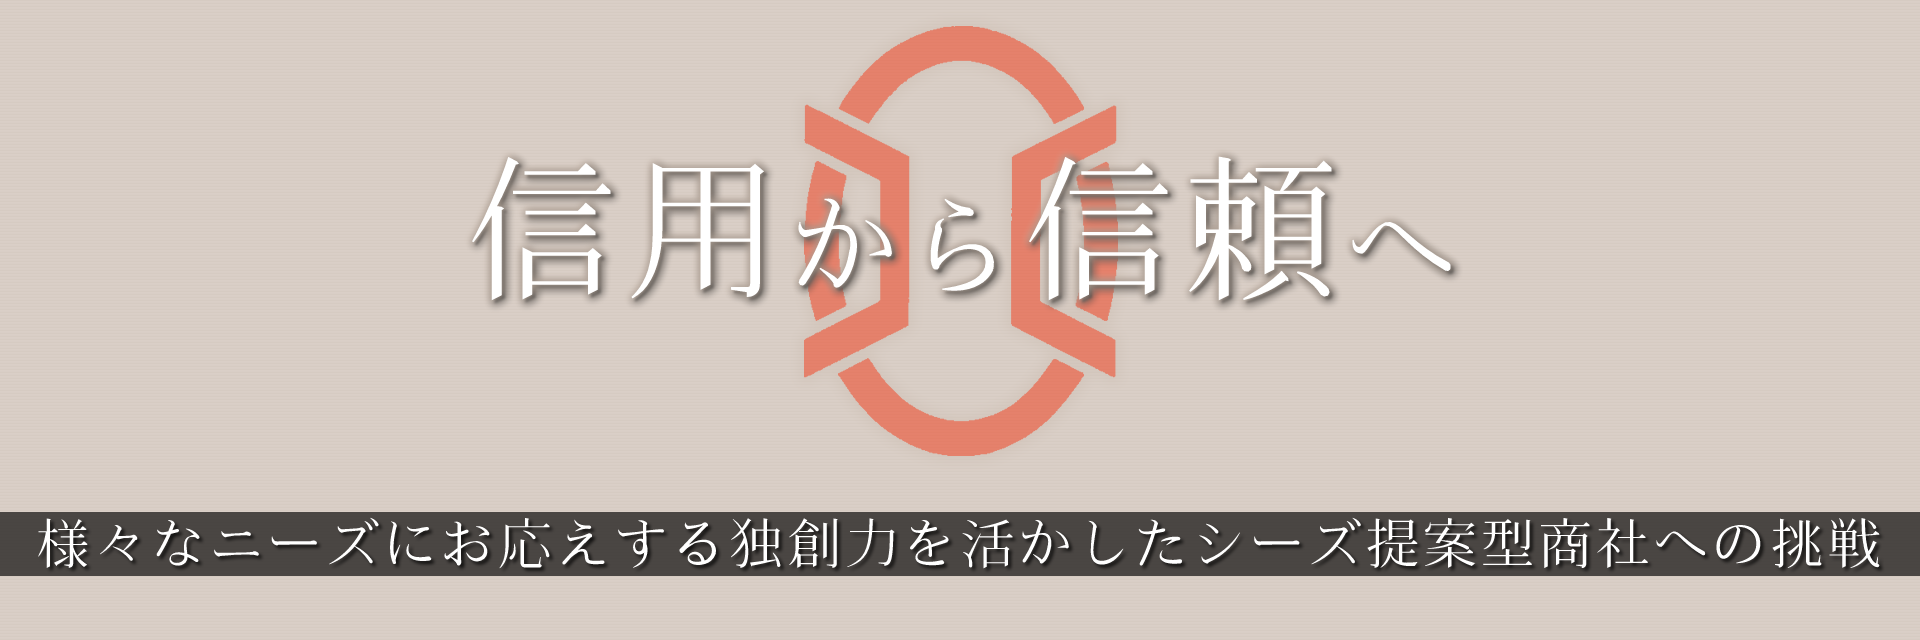 株式会社オオハシ